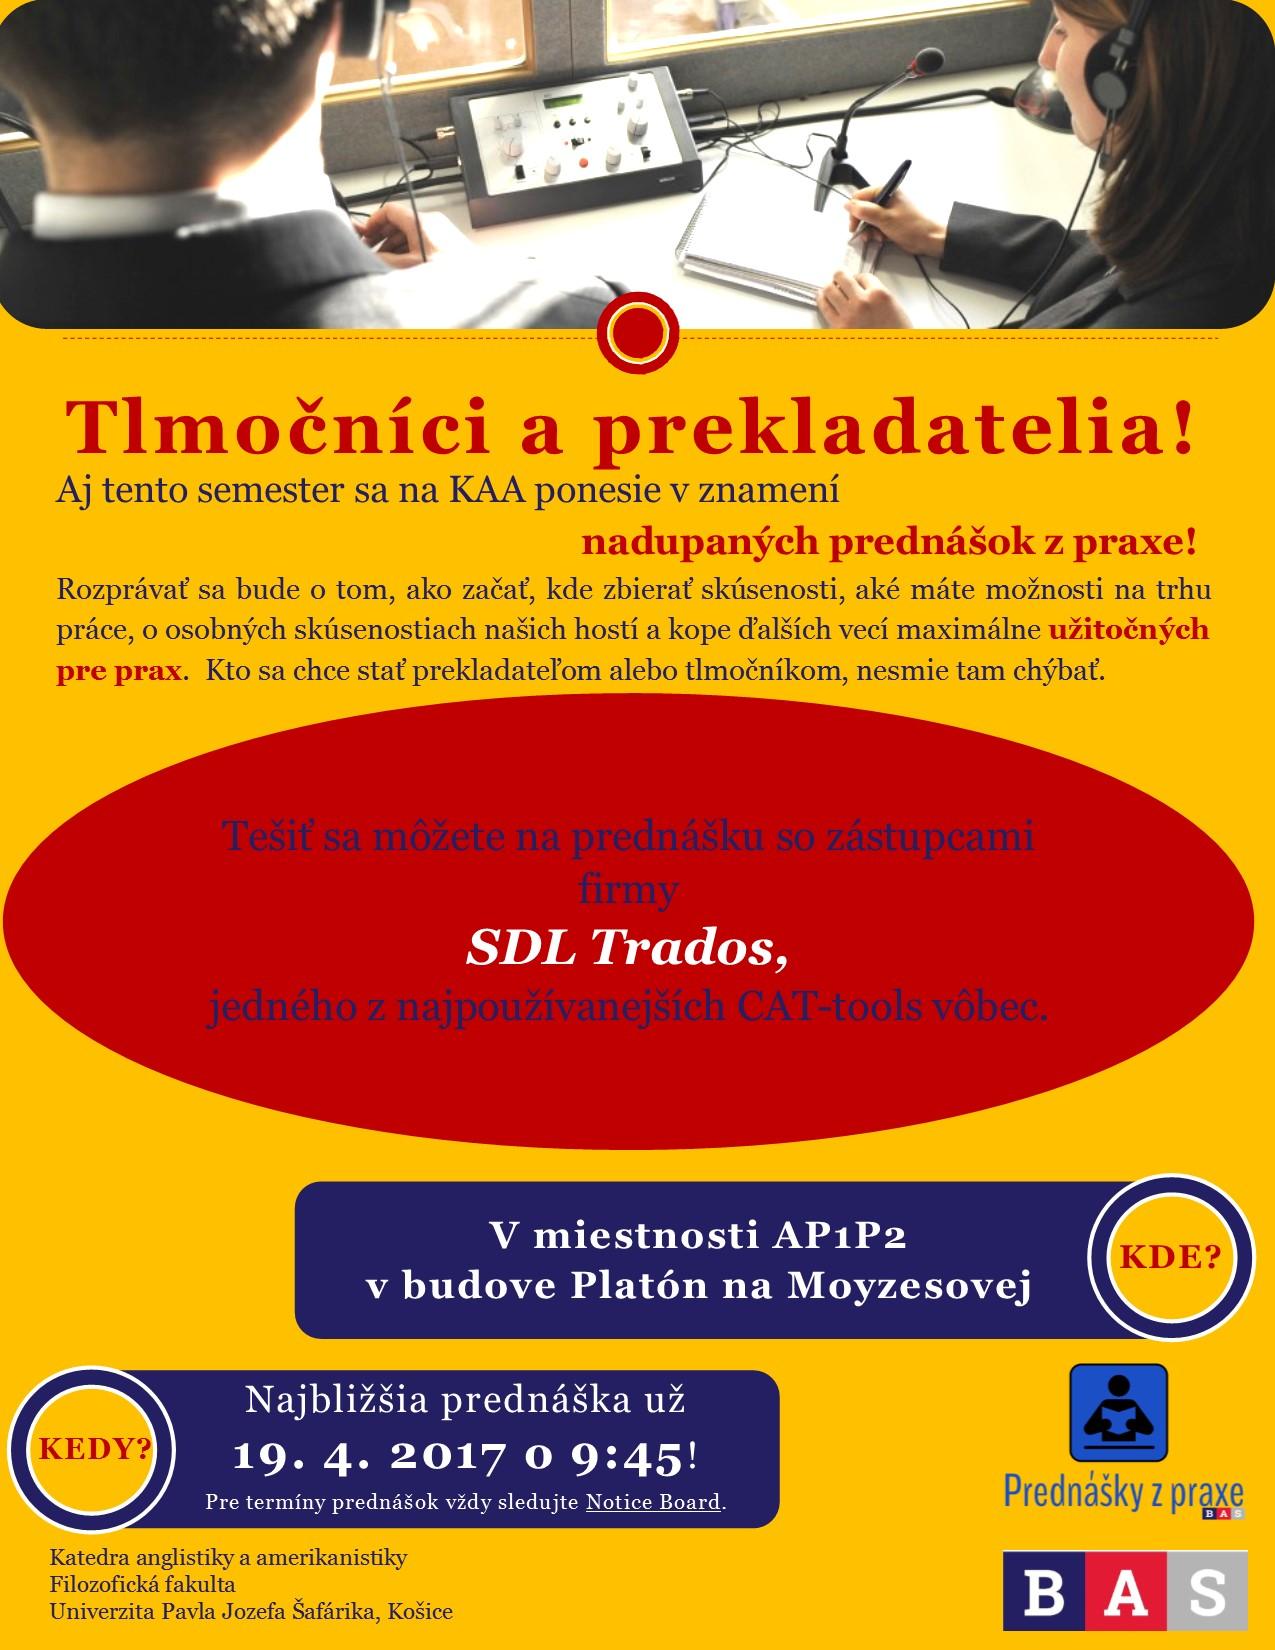 9:45 Prednáška z praxe: SDL